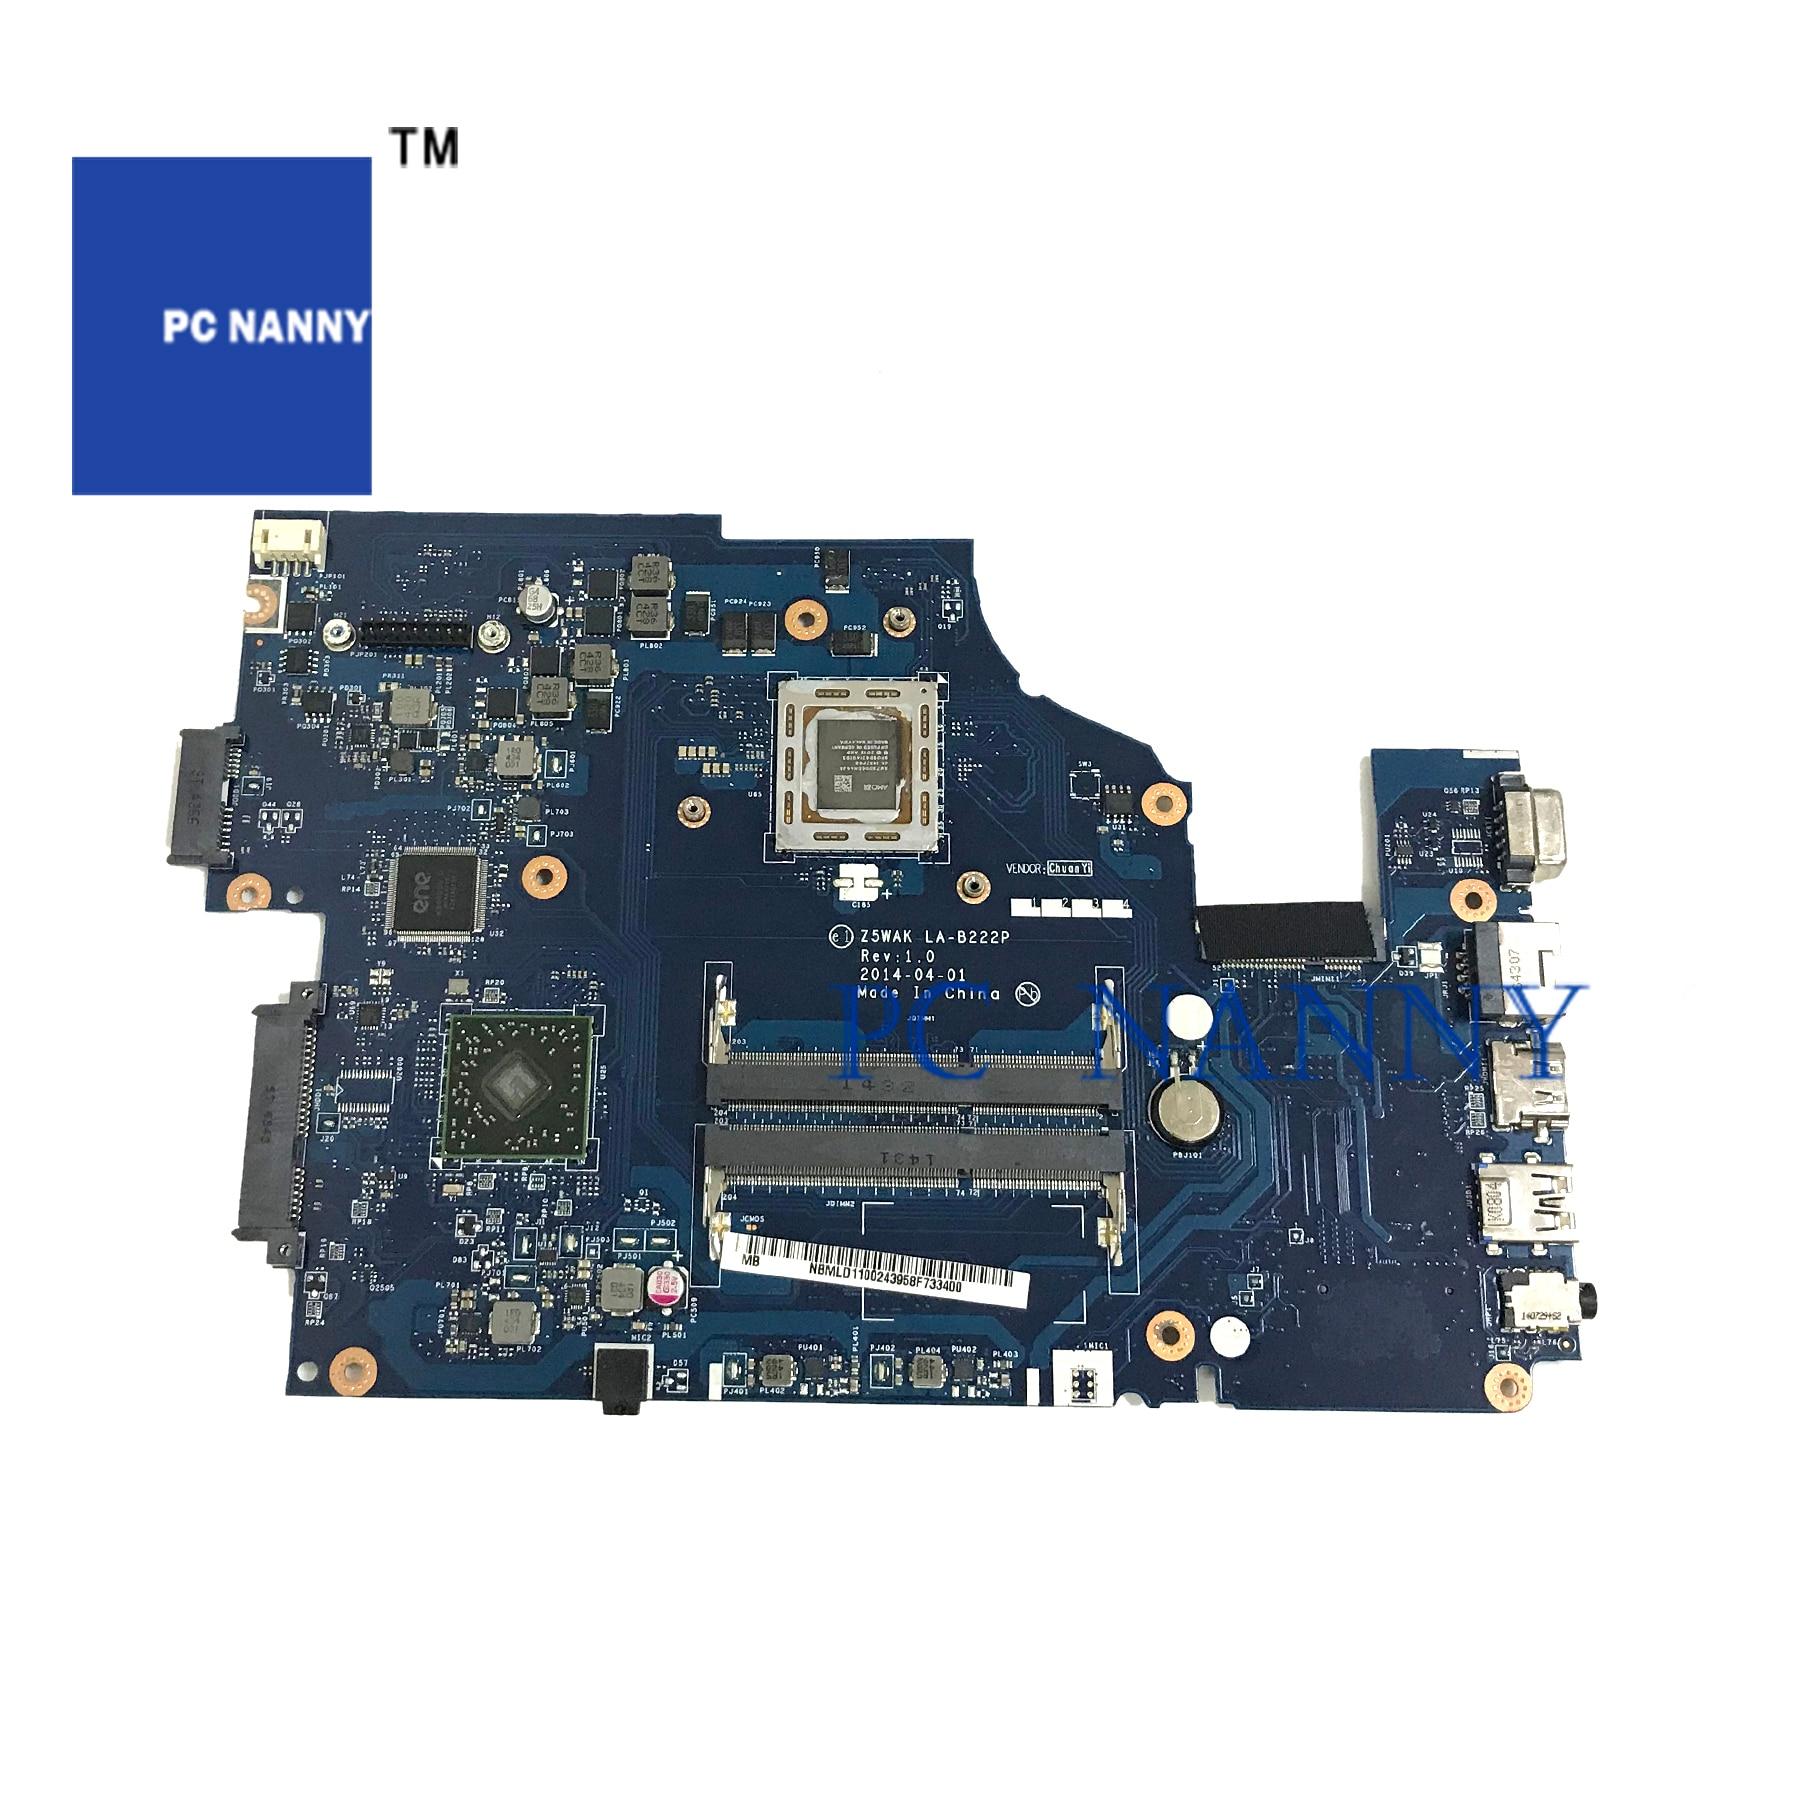 PC مربية ل أيسر أسباير أيسر E5-551 اللوحة المحمول NBMLD11002 A10-7300 NBMLD11002 ملحوظة. MLD11.002 LA-B222P اختبار